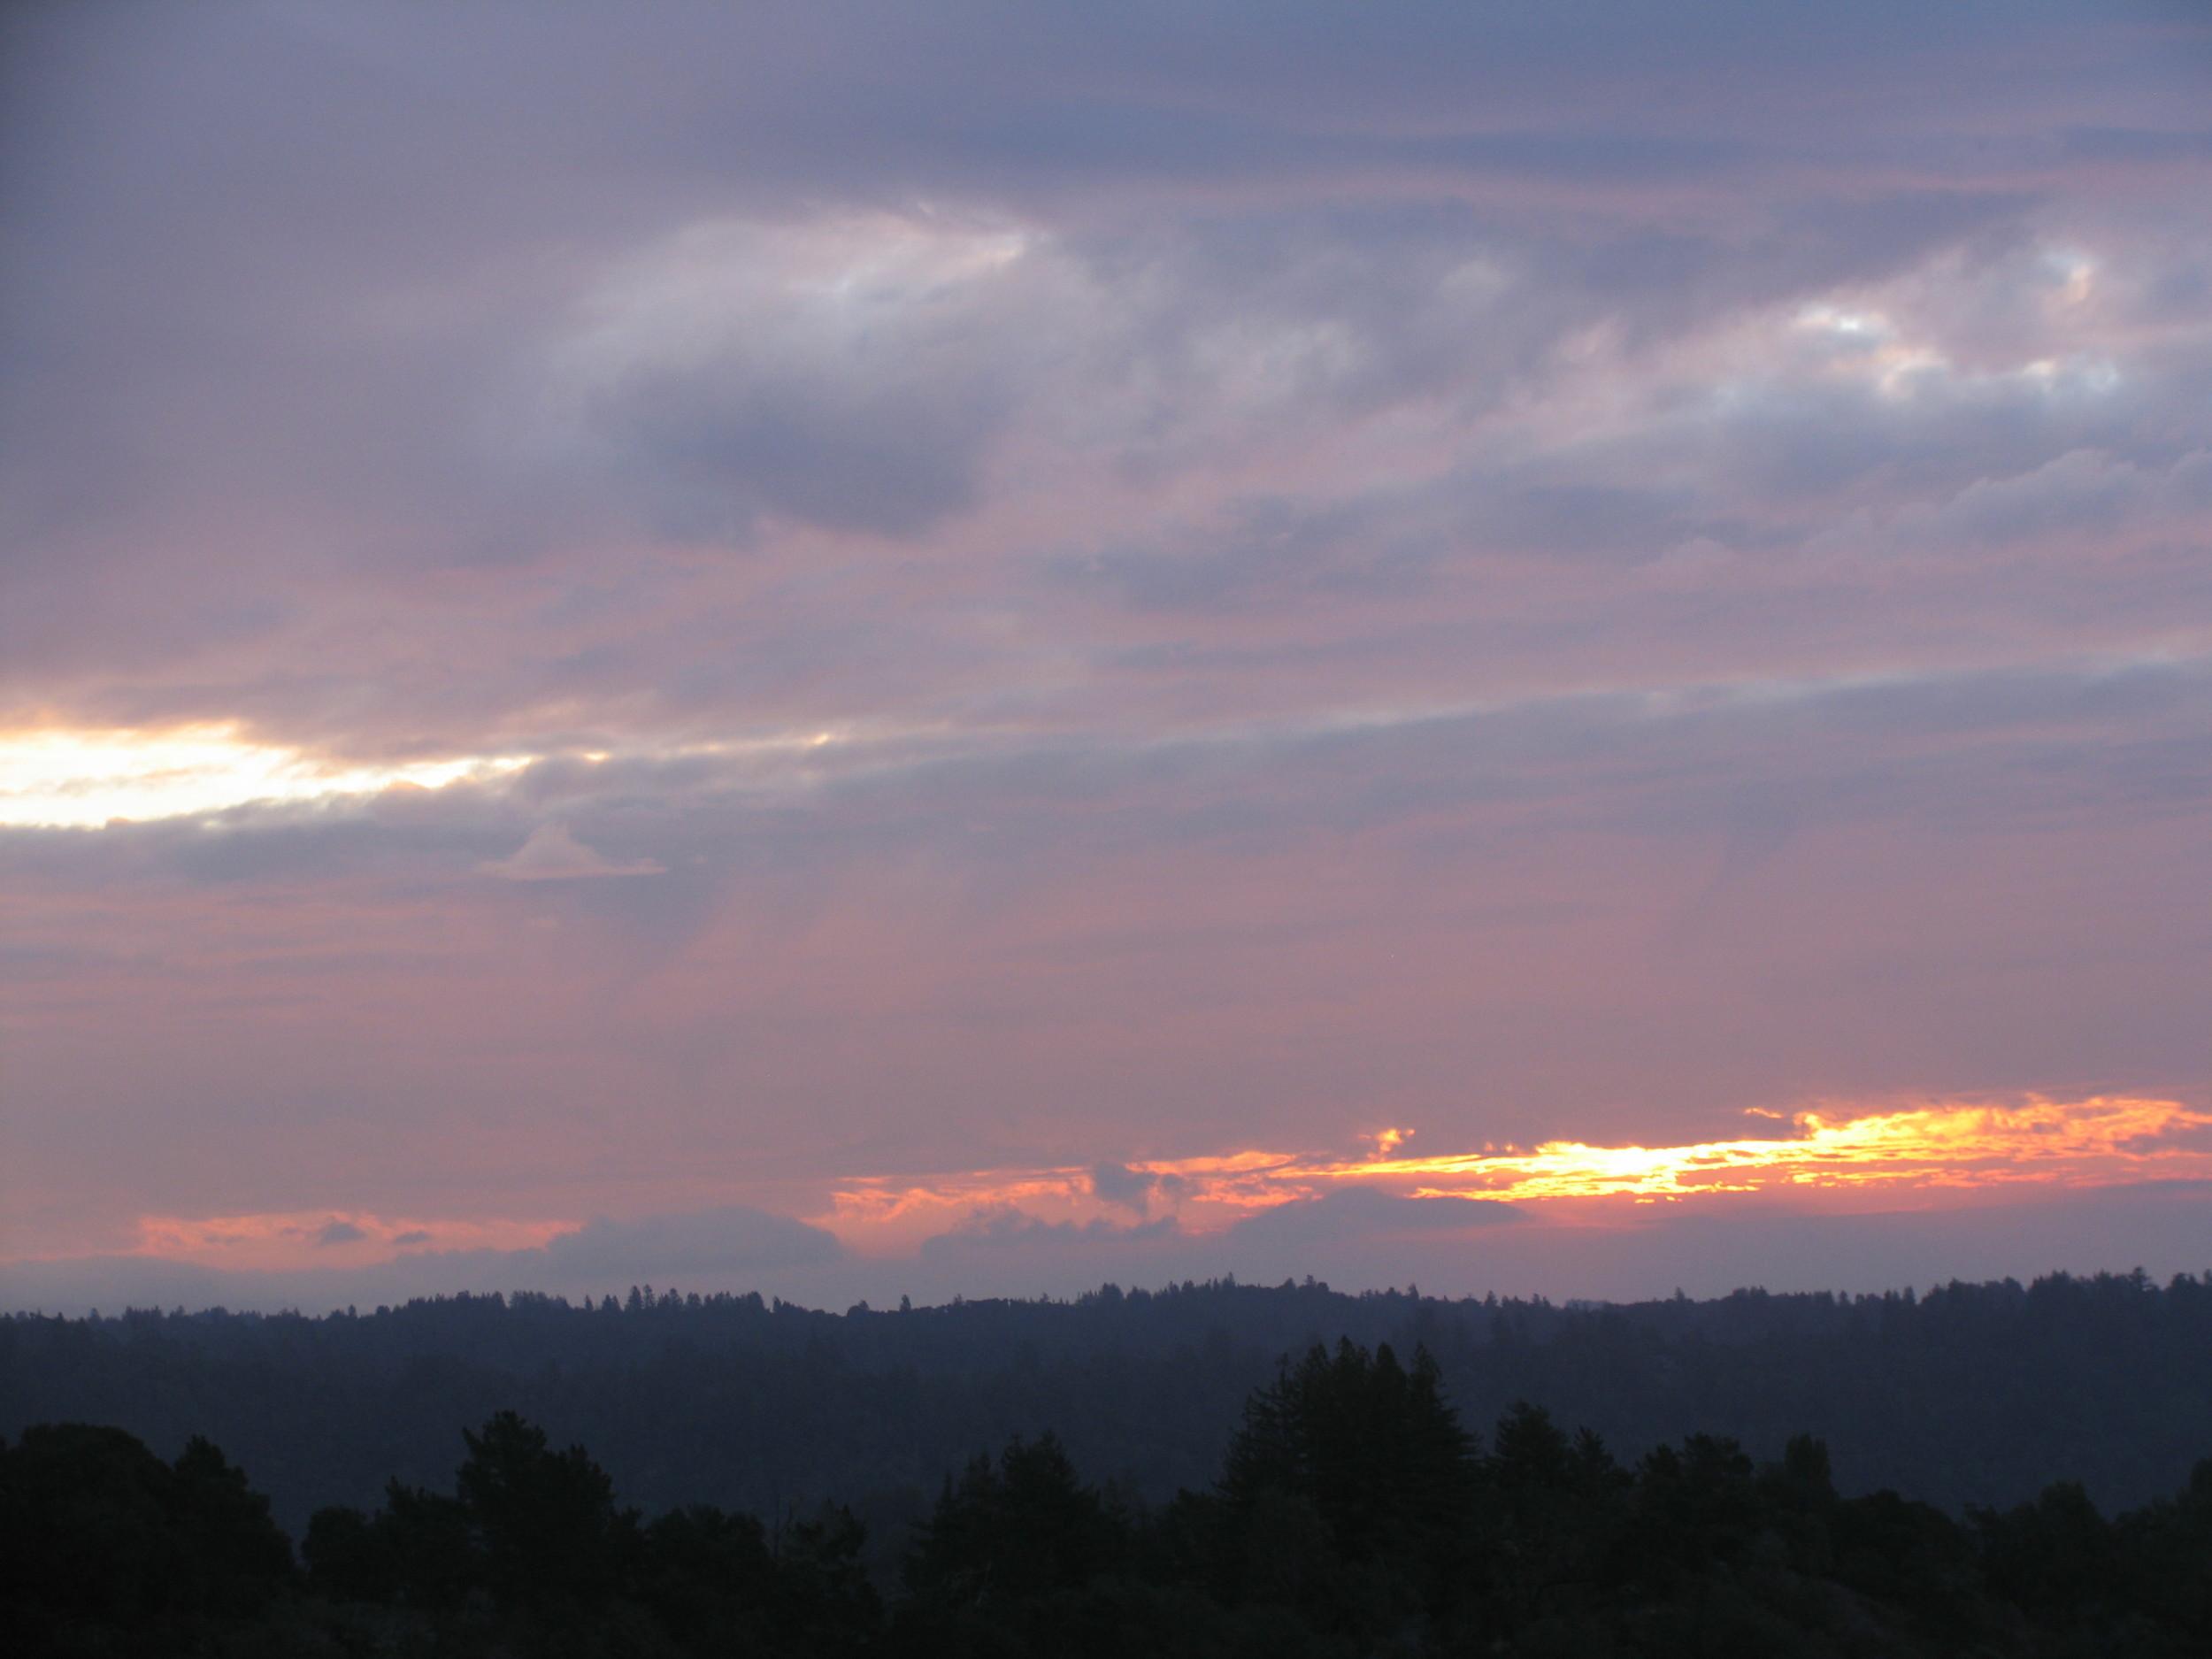 Sunrise, California H.C.Love